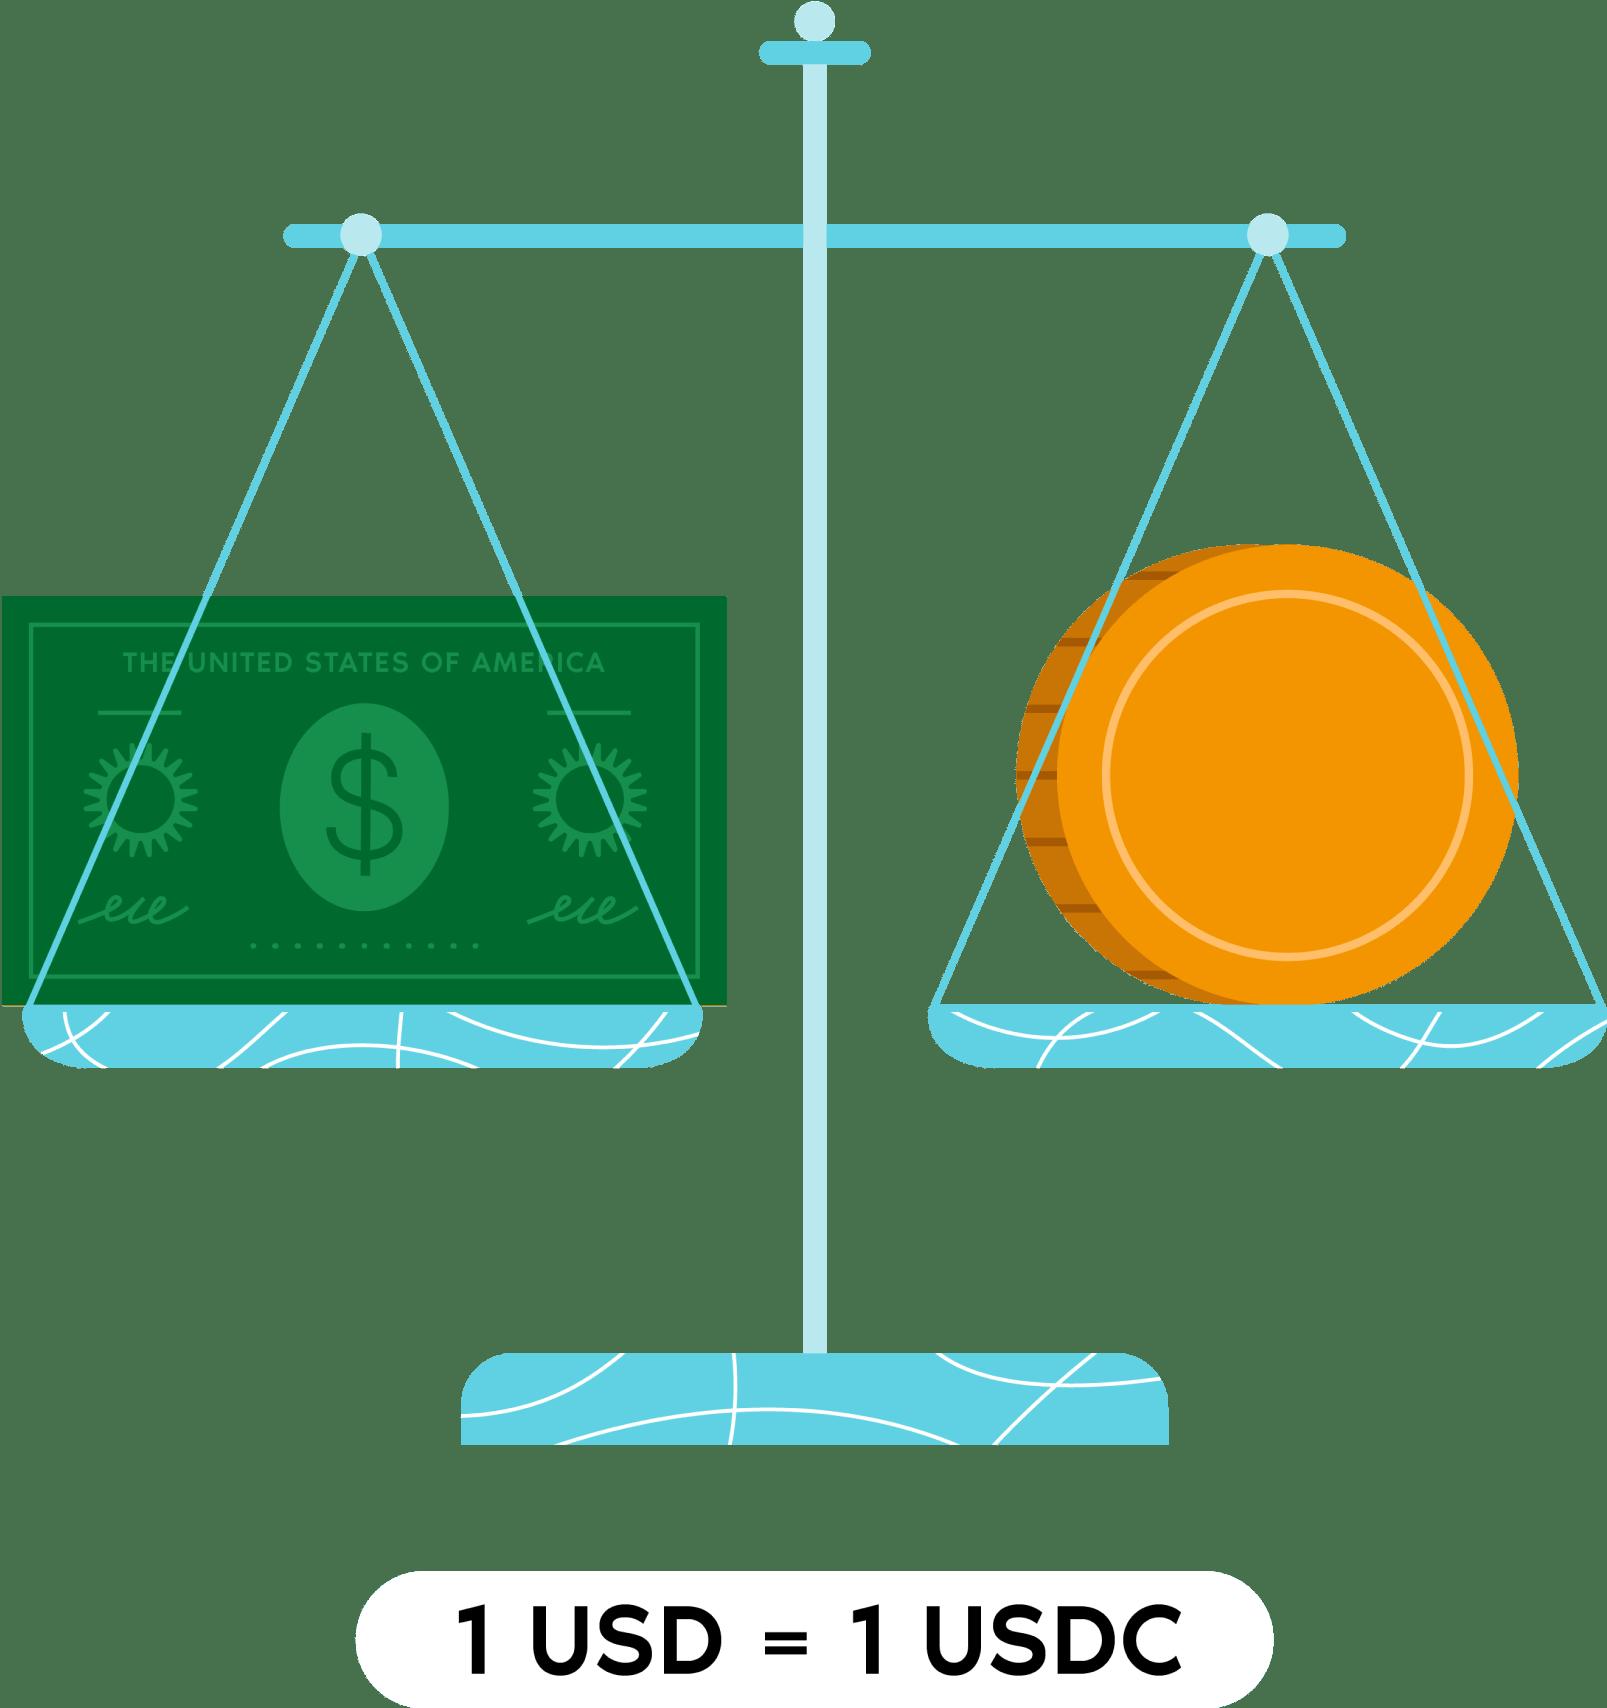 1 USD = 1 USDC